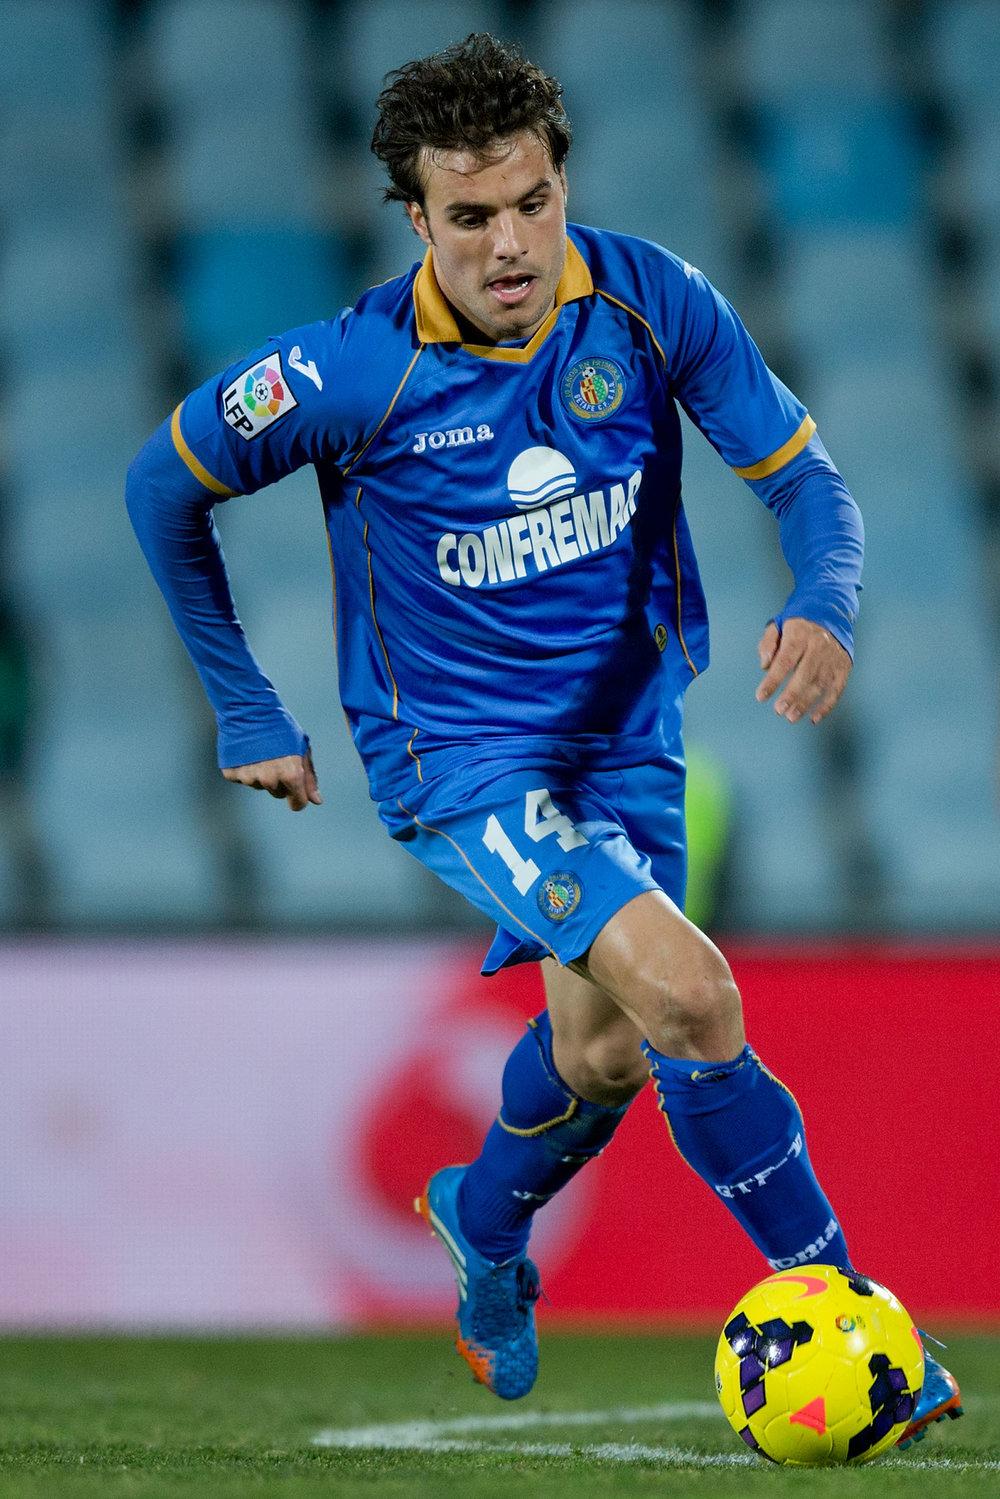 Pedro Leon har været en af de største profiler for Eibar i denne sæson. Foto: Getty Images